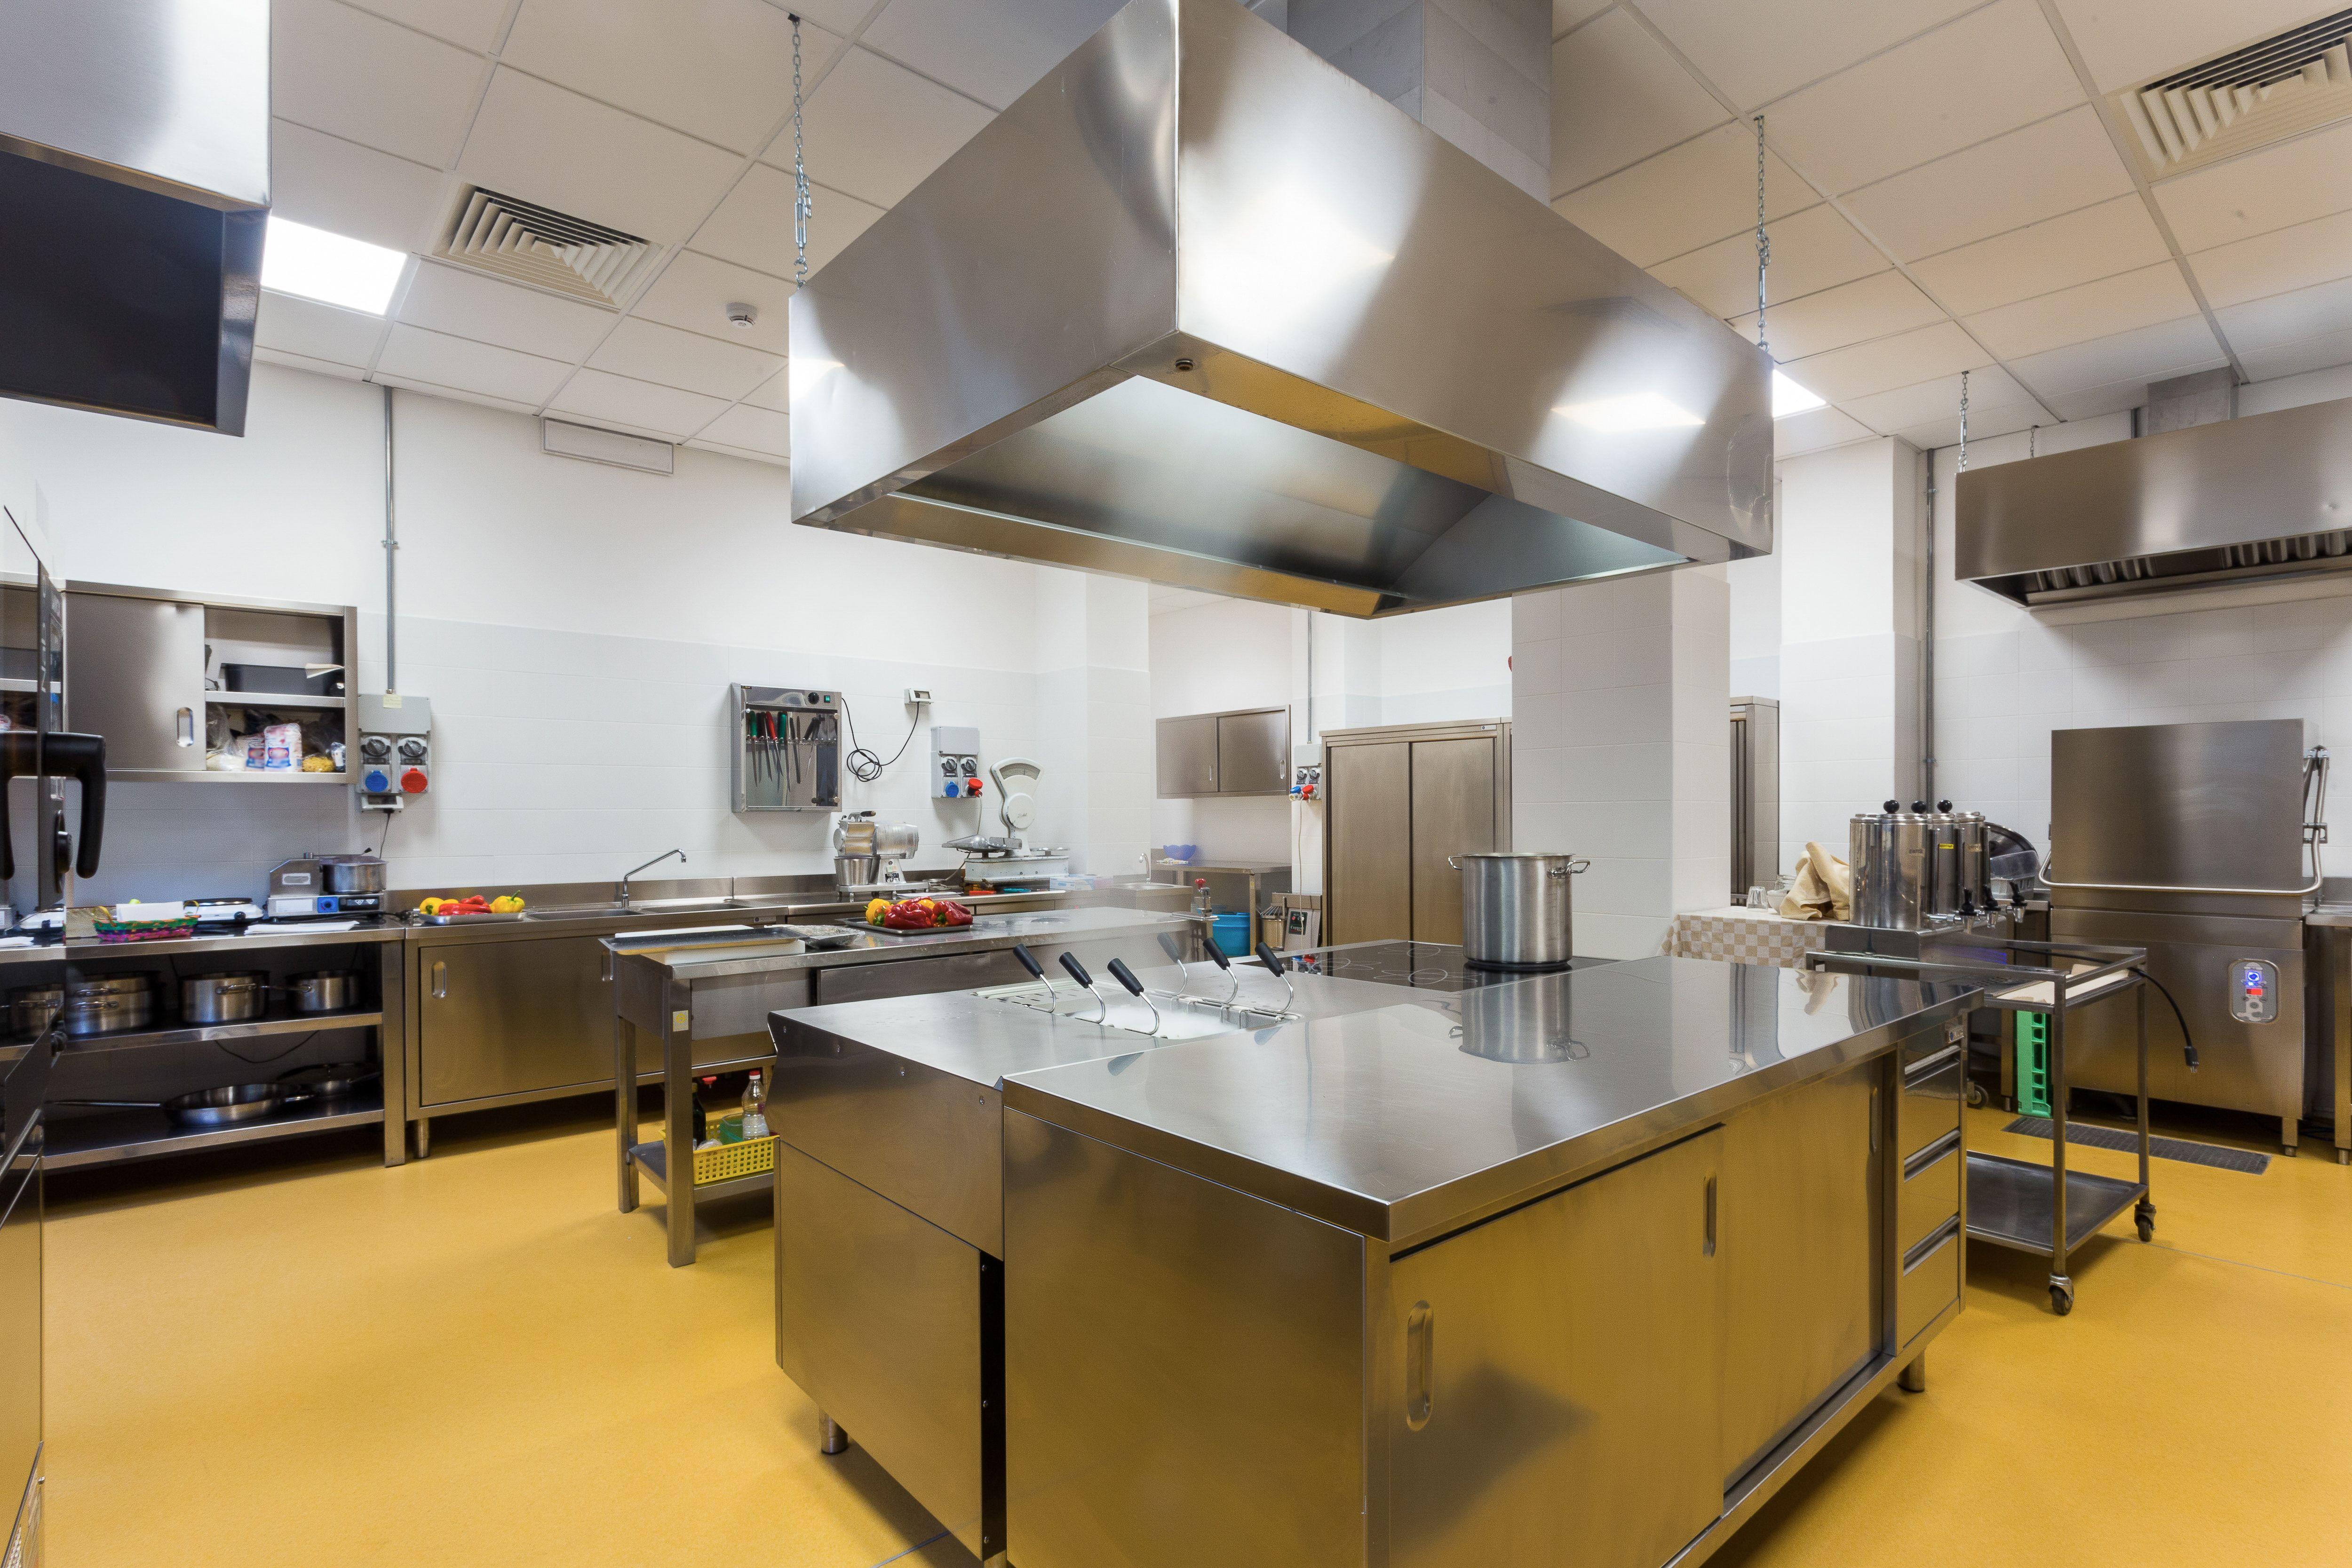 Fabricación de mobiliario de acero inoxidable para hostelería en Murcia